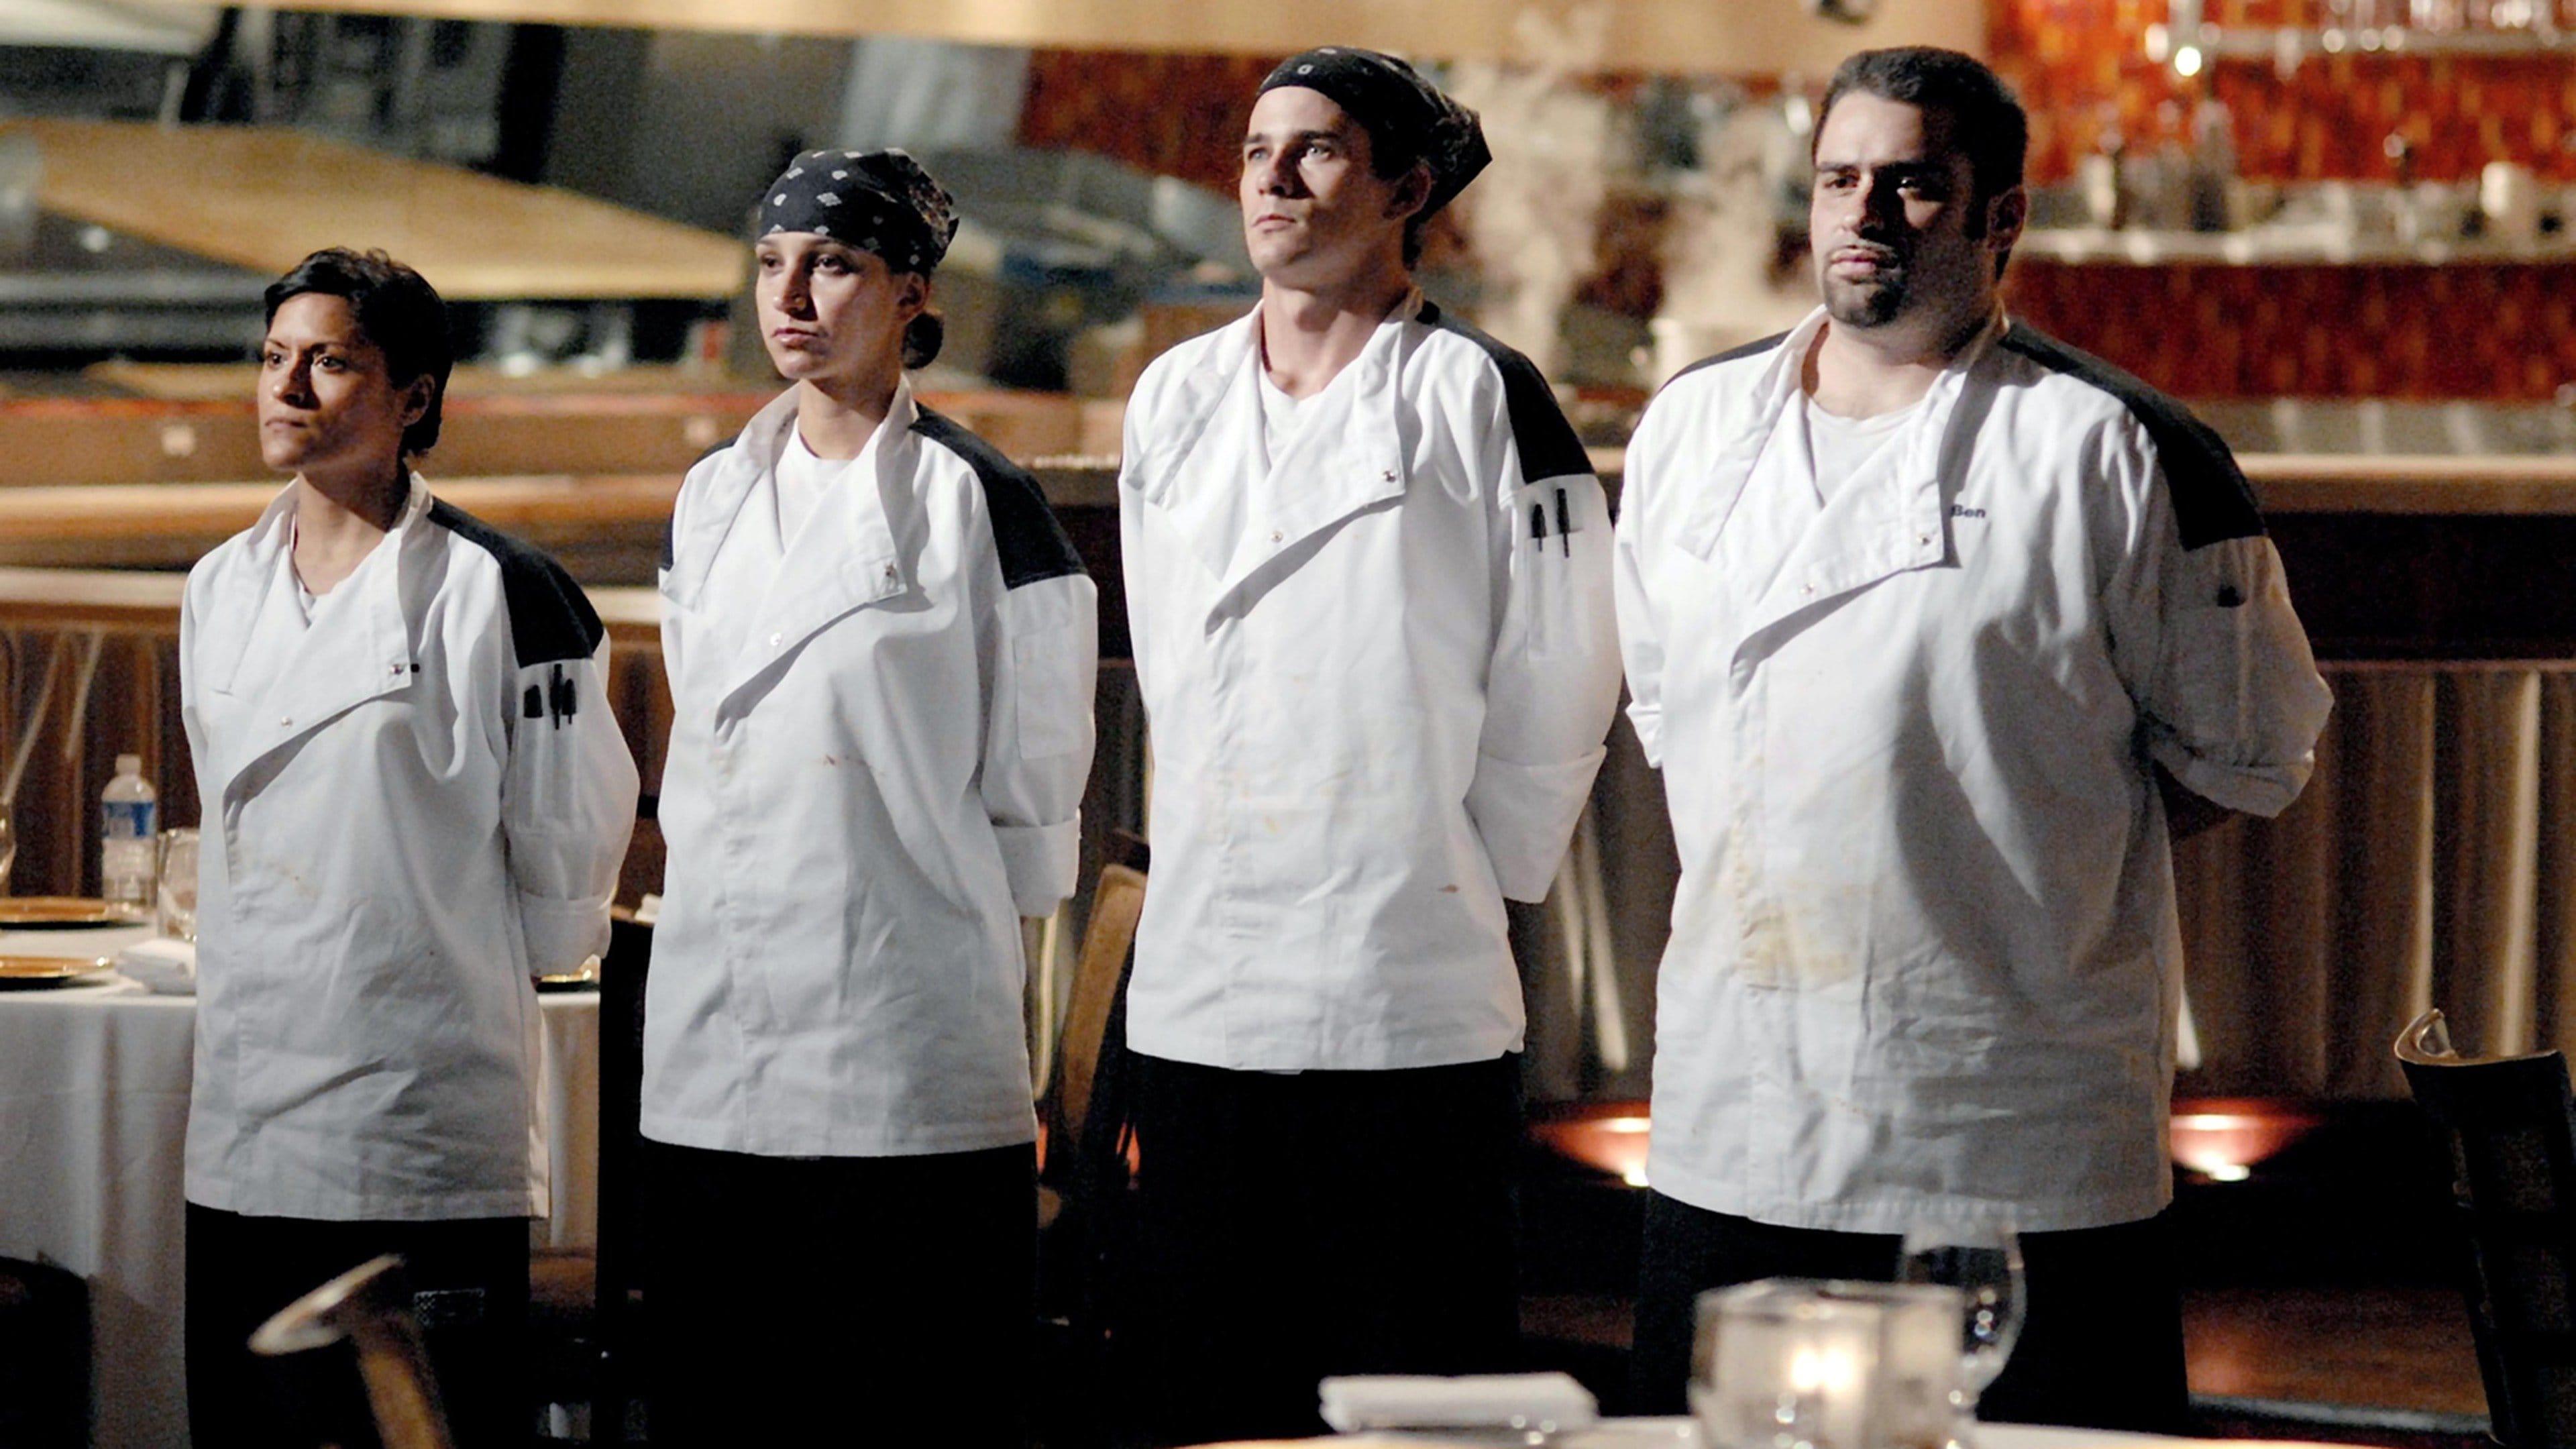 6 Chefs Compete